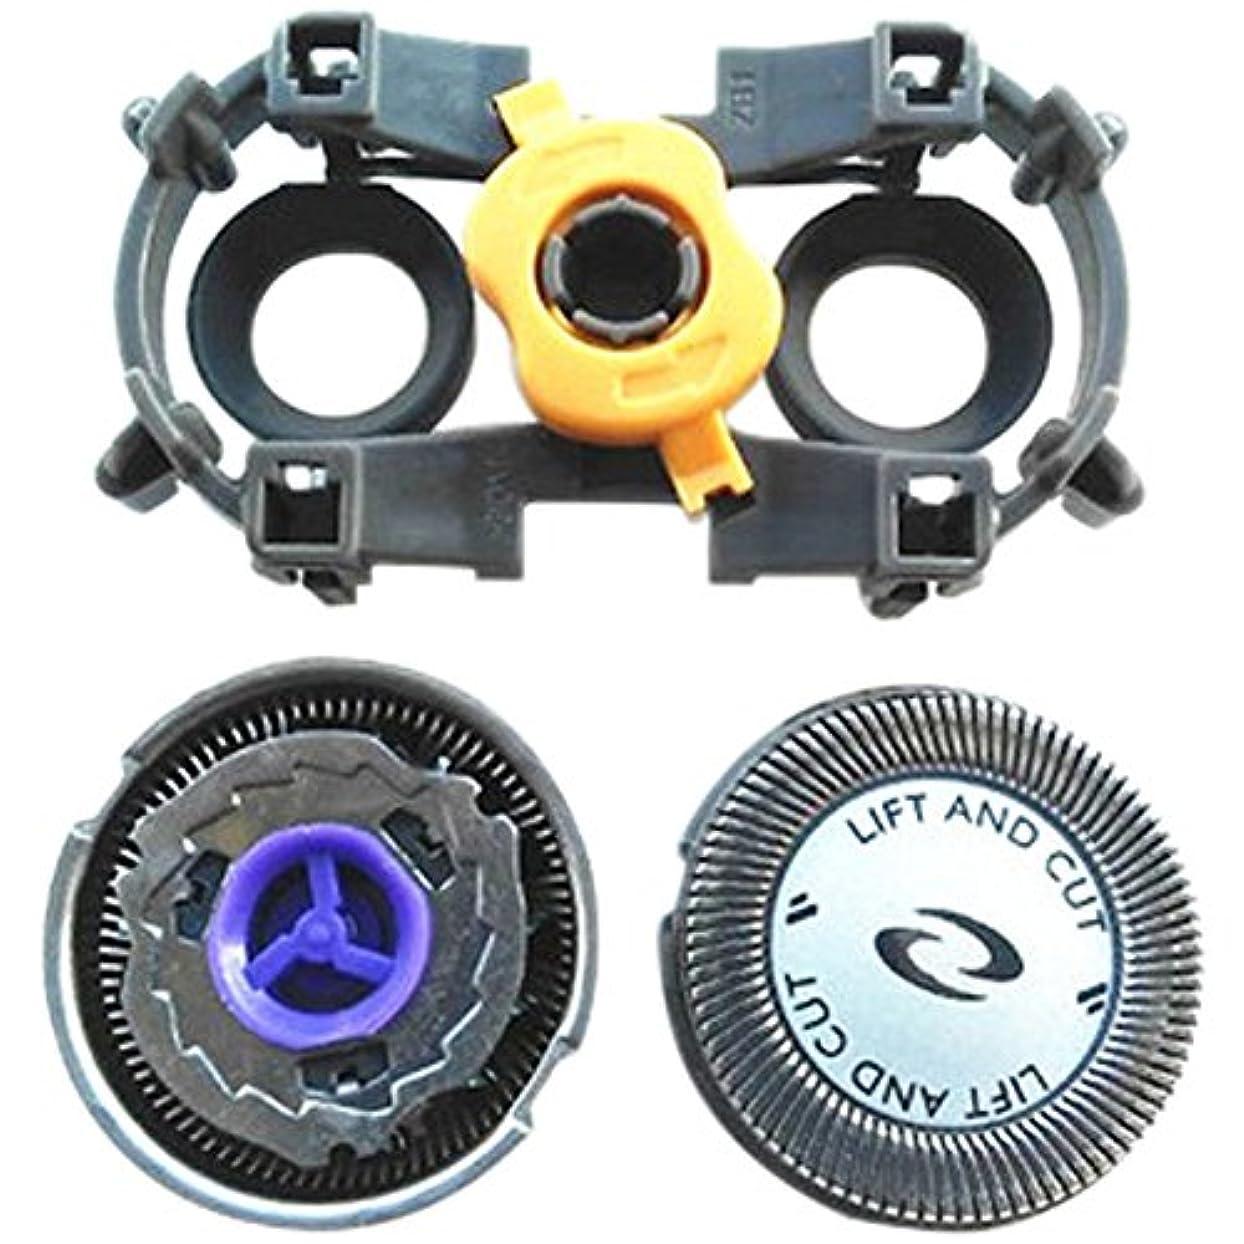 傾向レンズ移植Hzjundasi 置換 シェーバー 頭 刃/キャリーバッグ/フォイル カッター HQ56 for Philips PQ210 PQ216